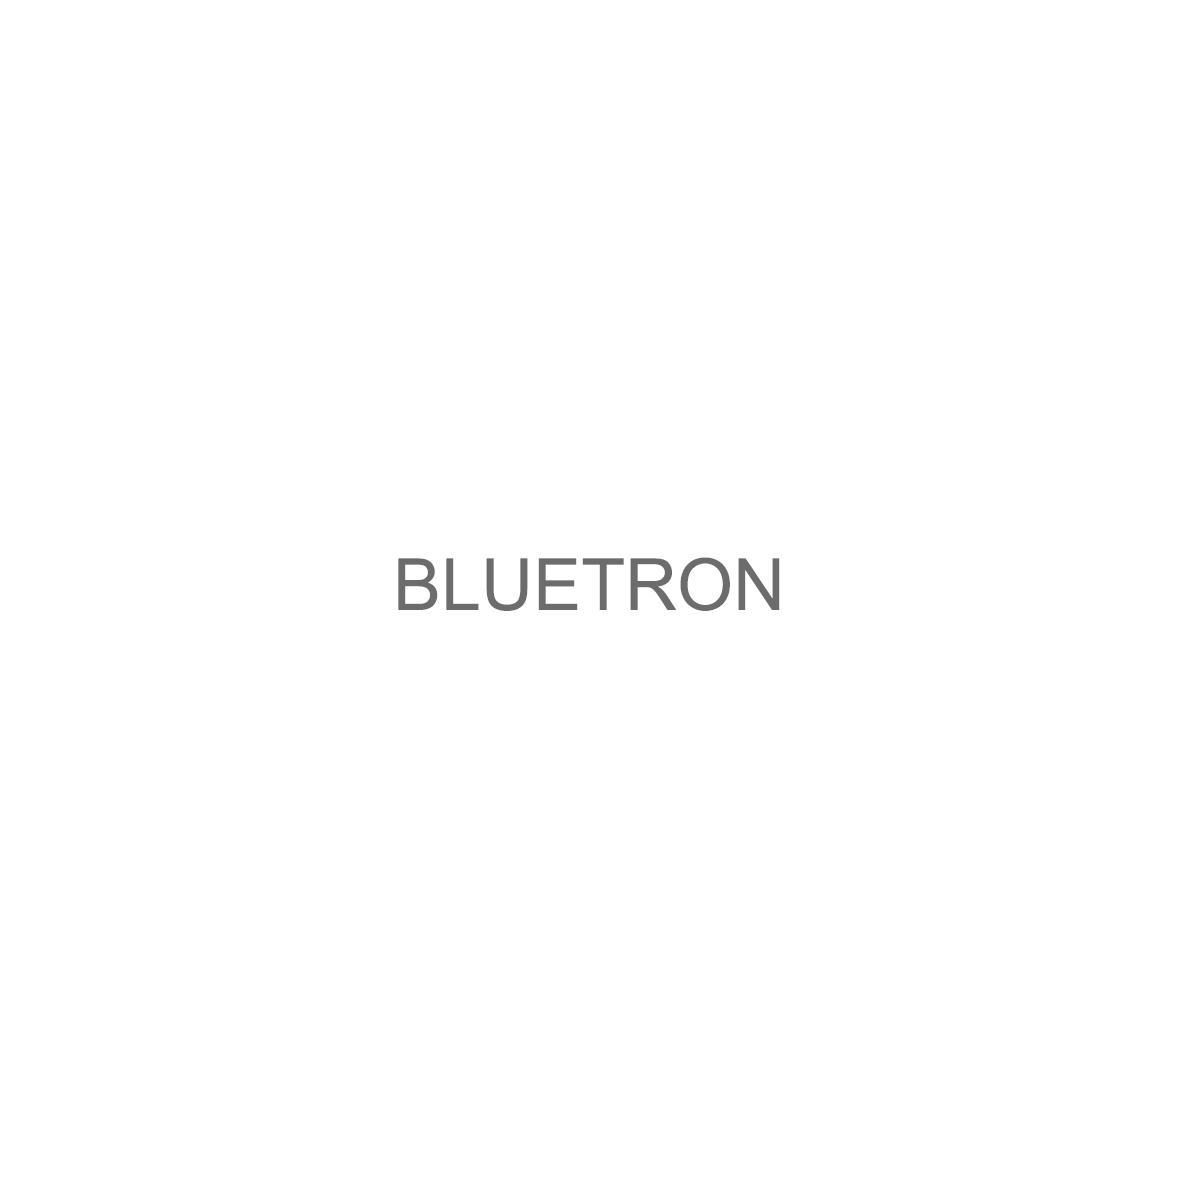 BLUETRON